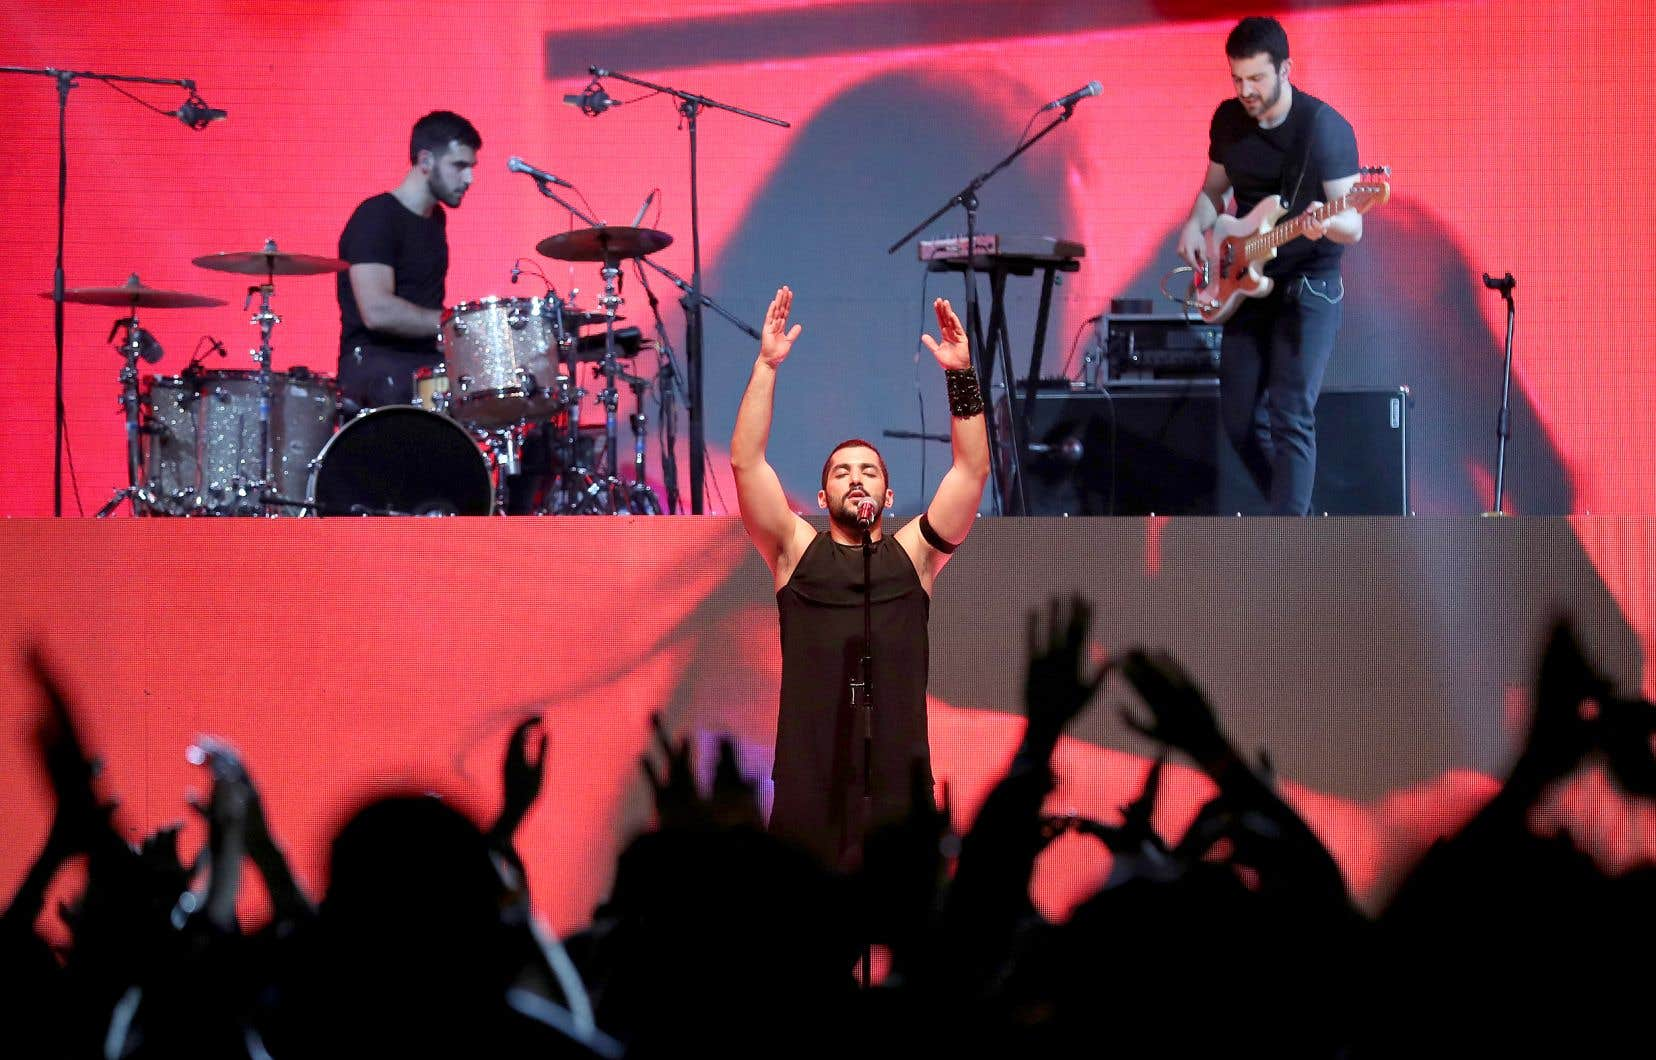 Ouvertement homosexuel, le chanteur Hamed Sinno (au centre) a propulsé Mashrou'Leila en porte-drapeau de la cause LGBT dans le monde arabe.